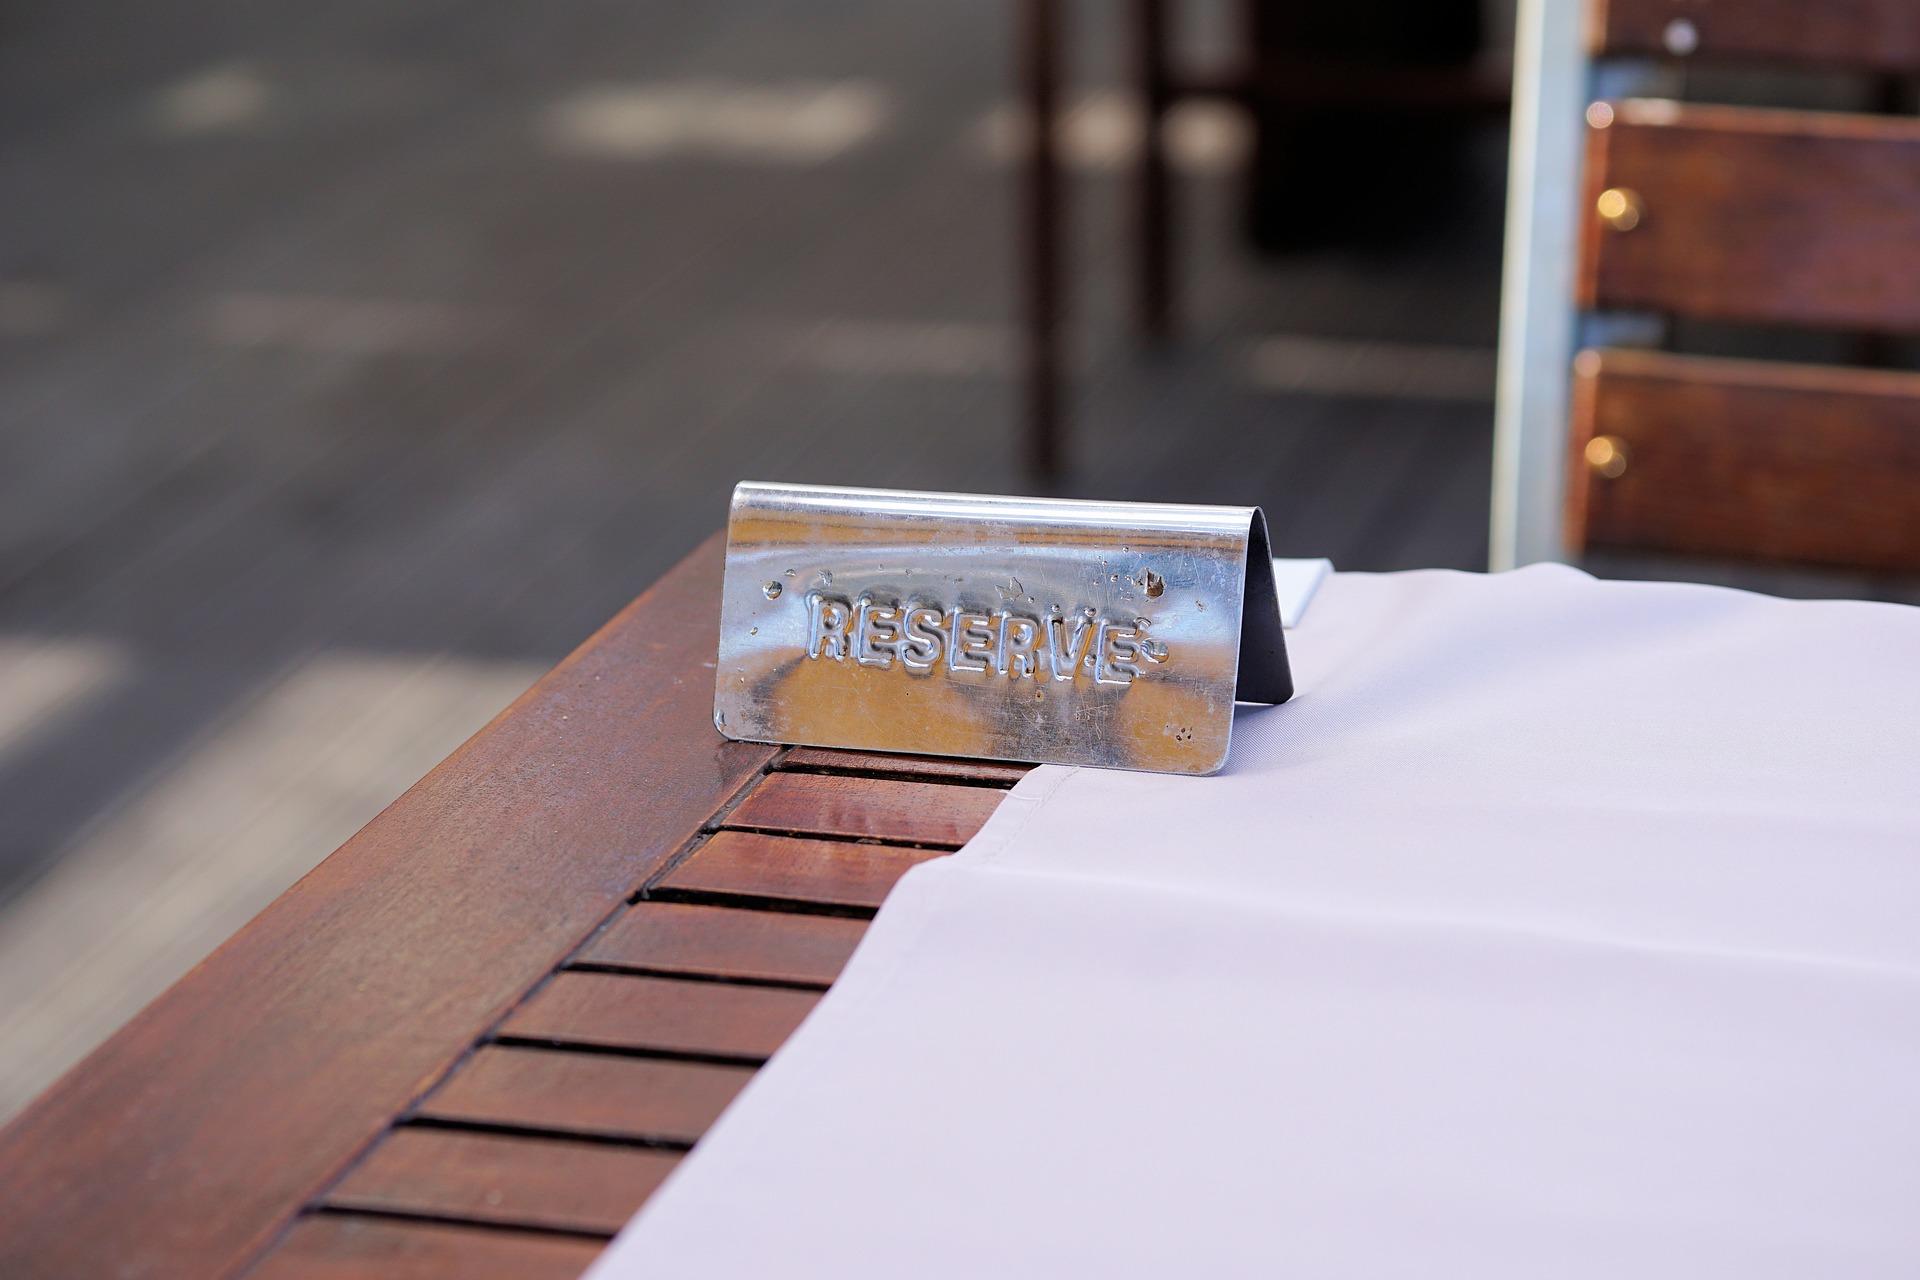 Український додаток для бронювання столиків у ресторанах залучив $5 млн